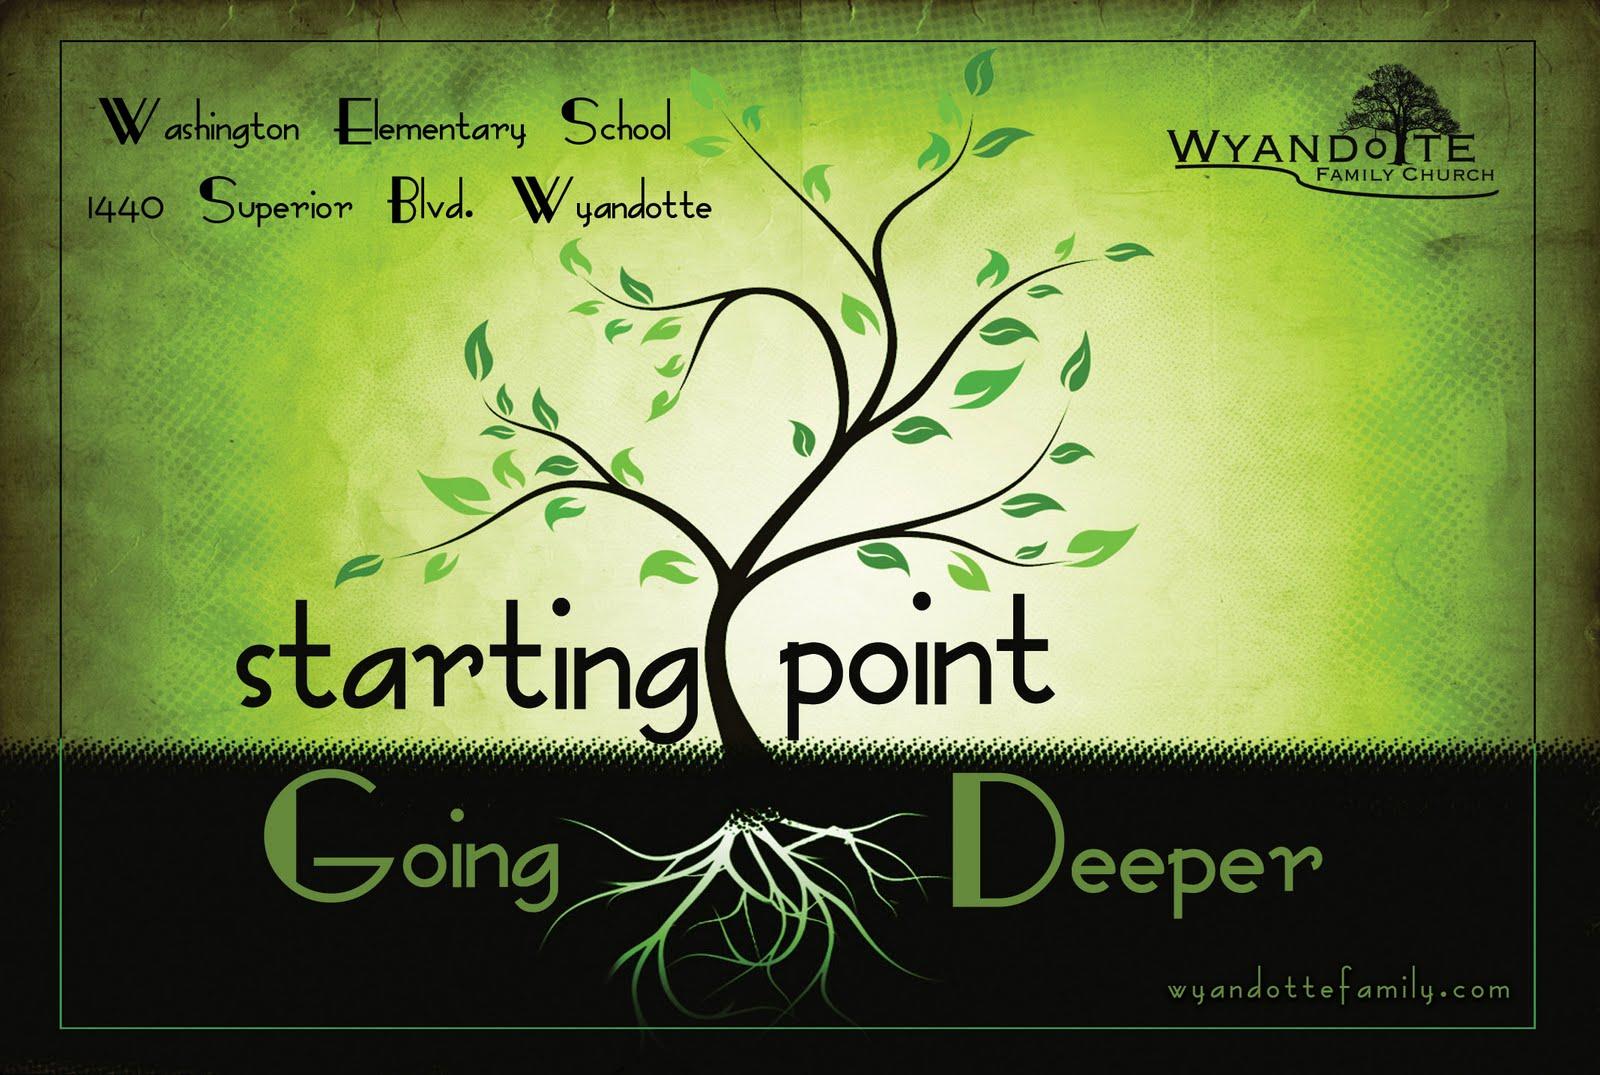 http://3.bp.blogspot.com/_t_2feYGvW9o/TSH0jtwBmZI/AAAAAAAAALo/kXrMle4Xn34/s1600/startingpointfront.jpg